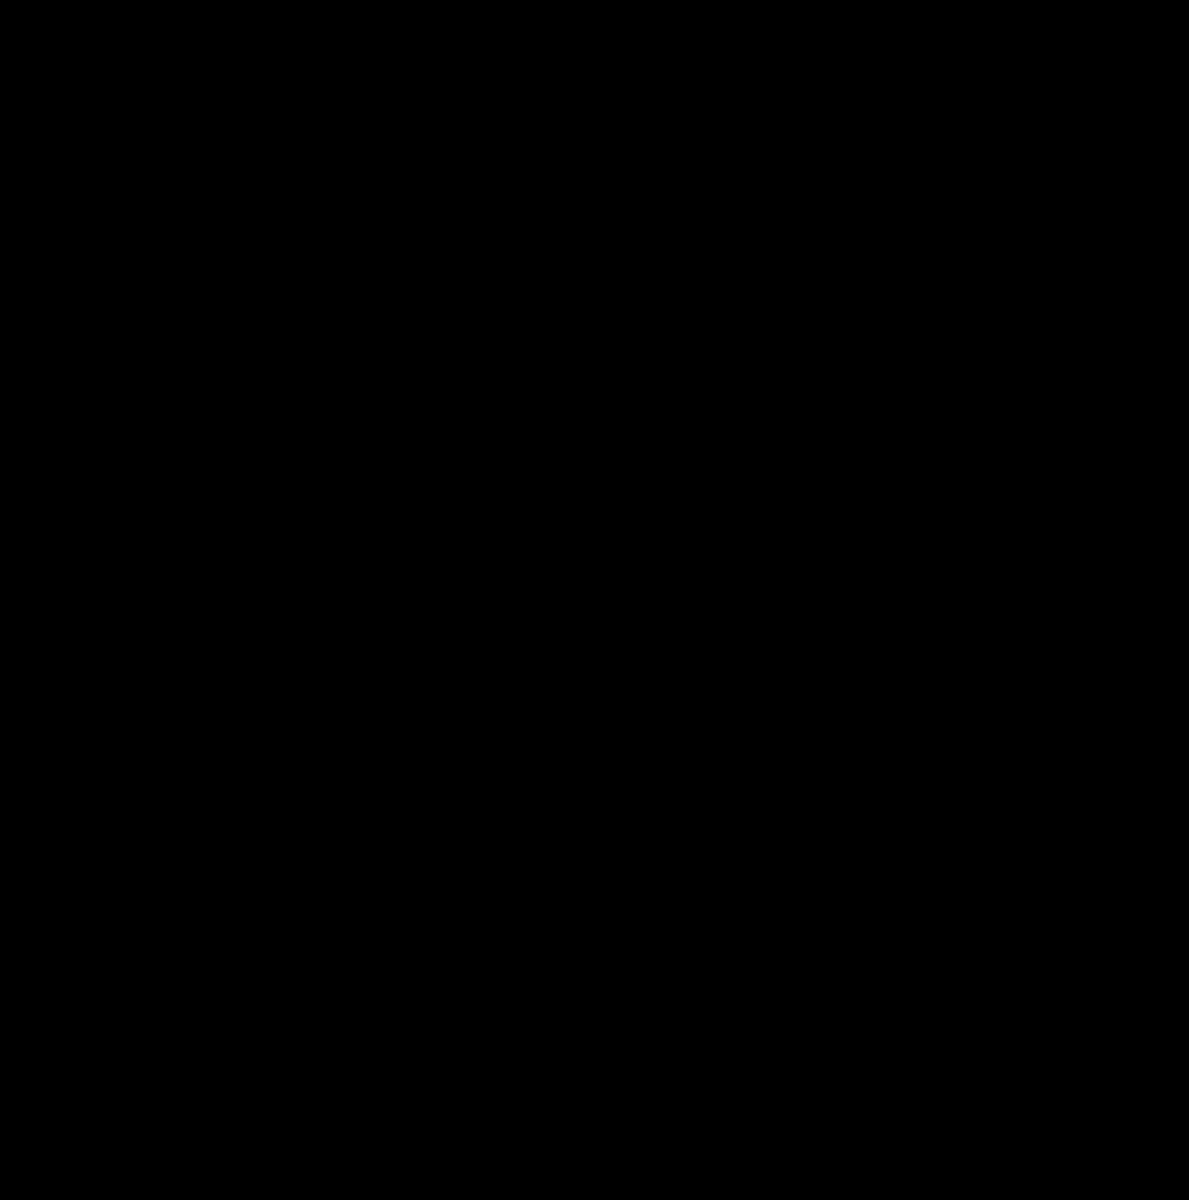 ト音記号(2種)のイラスト / Treble clef (2 types) Illustration